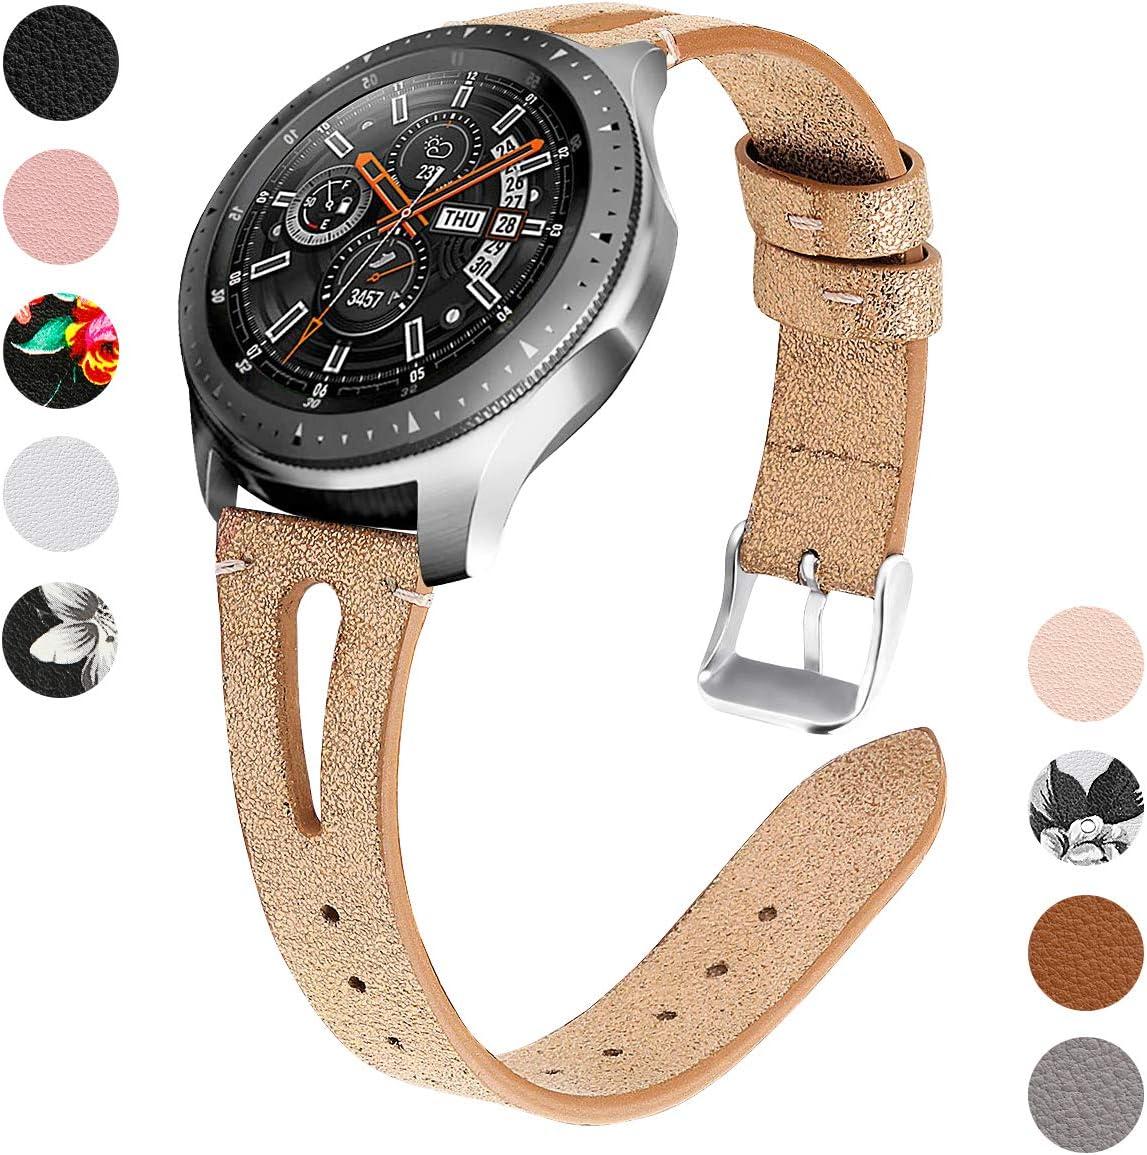 YSSNH Compatible con Correa Samsung Gear S3 22mm Pulsera de Repuesto de Cuero Banda de Reloj de Patrón Delgado para Galaxy Watch 46mm/ Gear S3 Frontier/S3 Classic para Mujer: Amazon.es: Electrónica